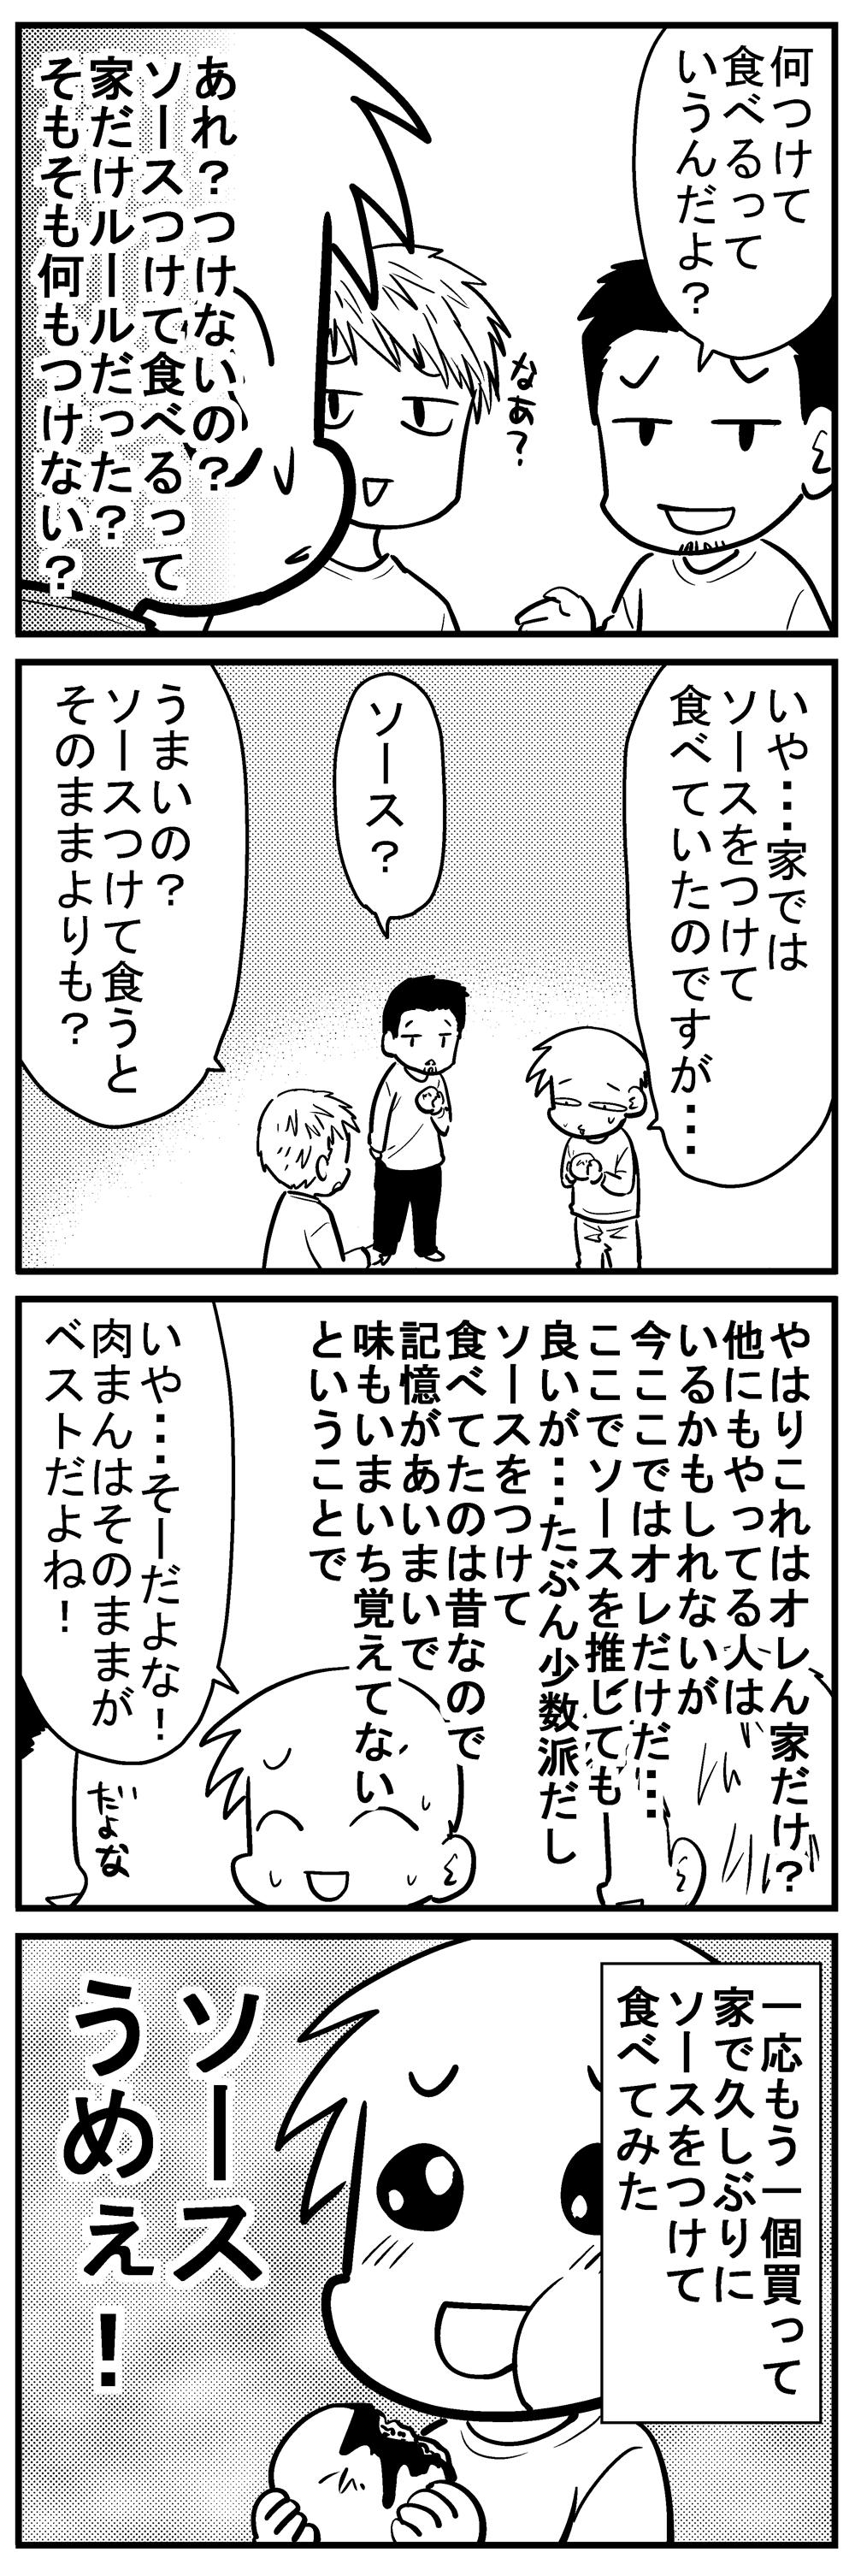 深読みくん119-2